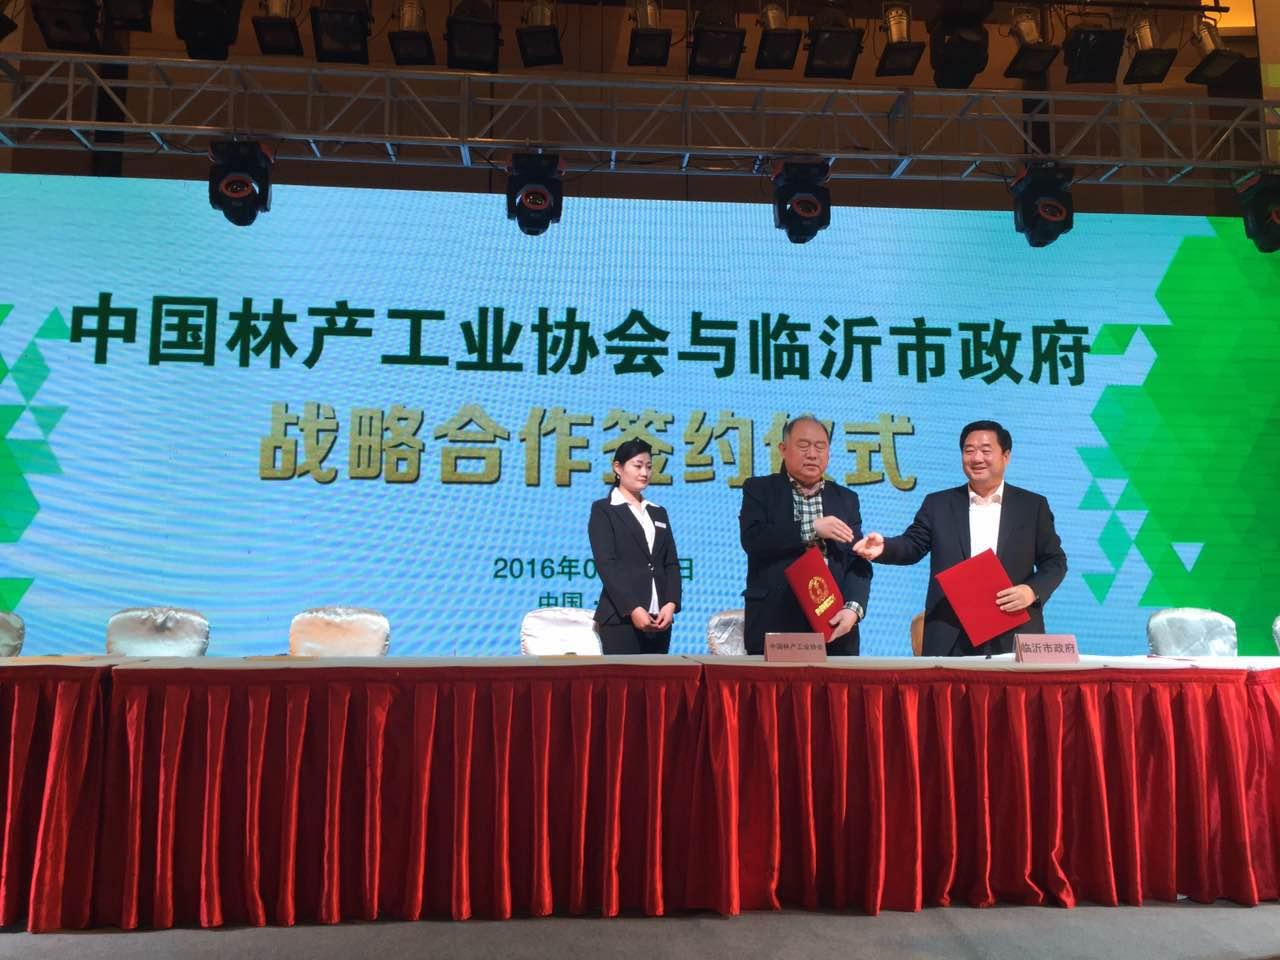 中国木业网李总应邀参加2016中国木业发展蒙山论坛